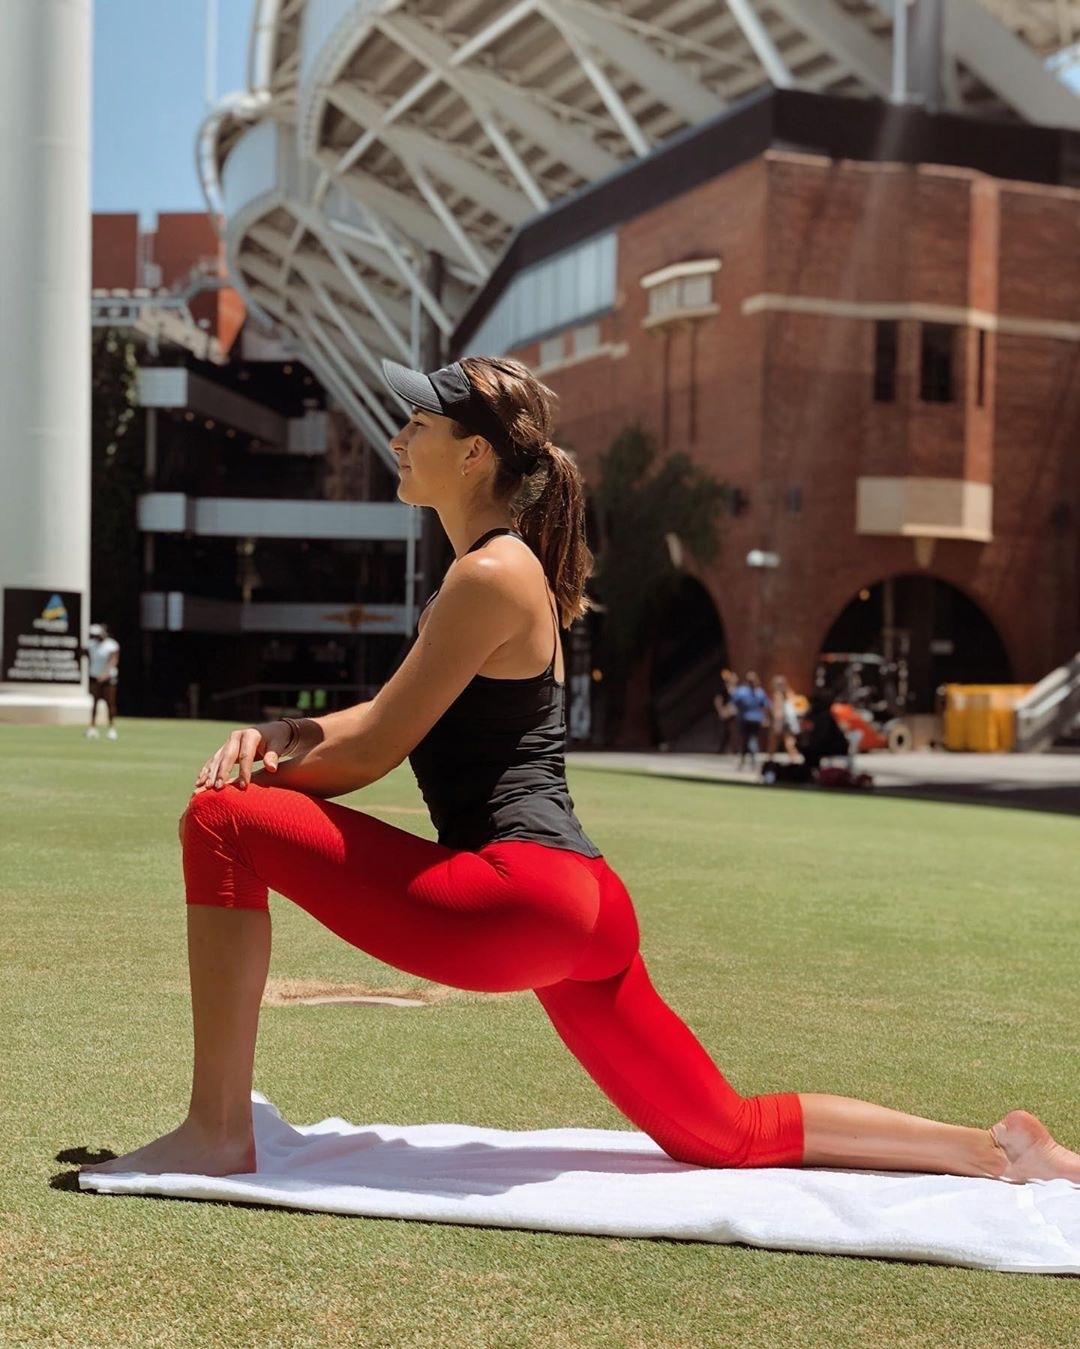 Belinda Bencic butt